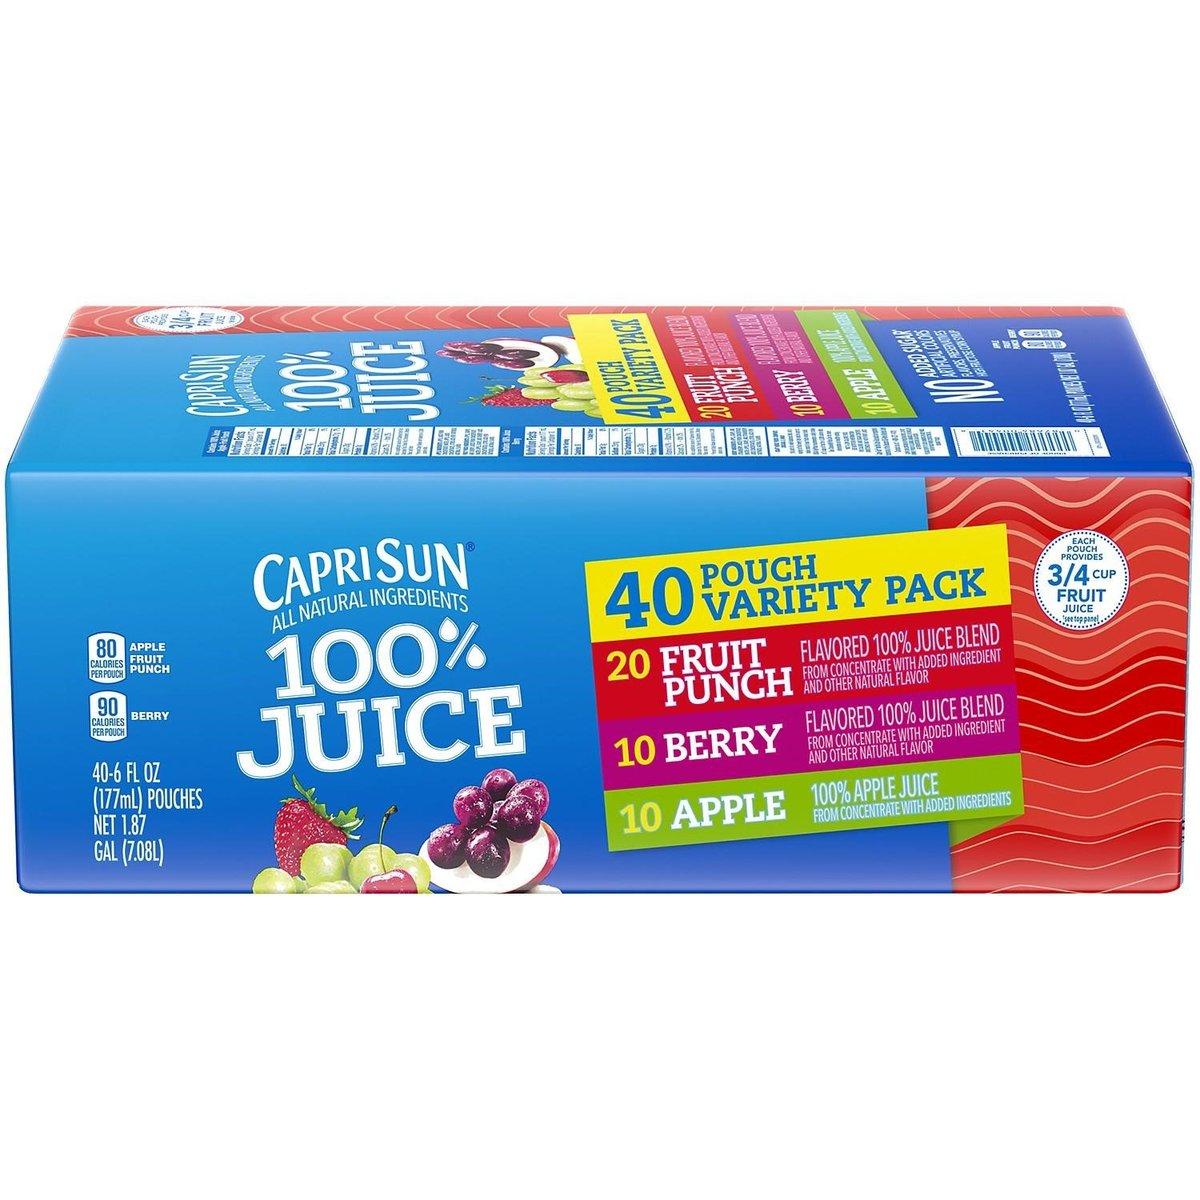 100% Juice Variety Pack 177ml x 40 packs